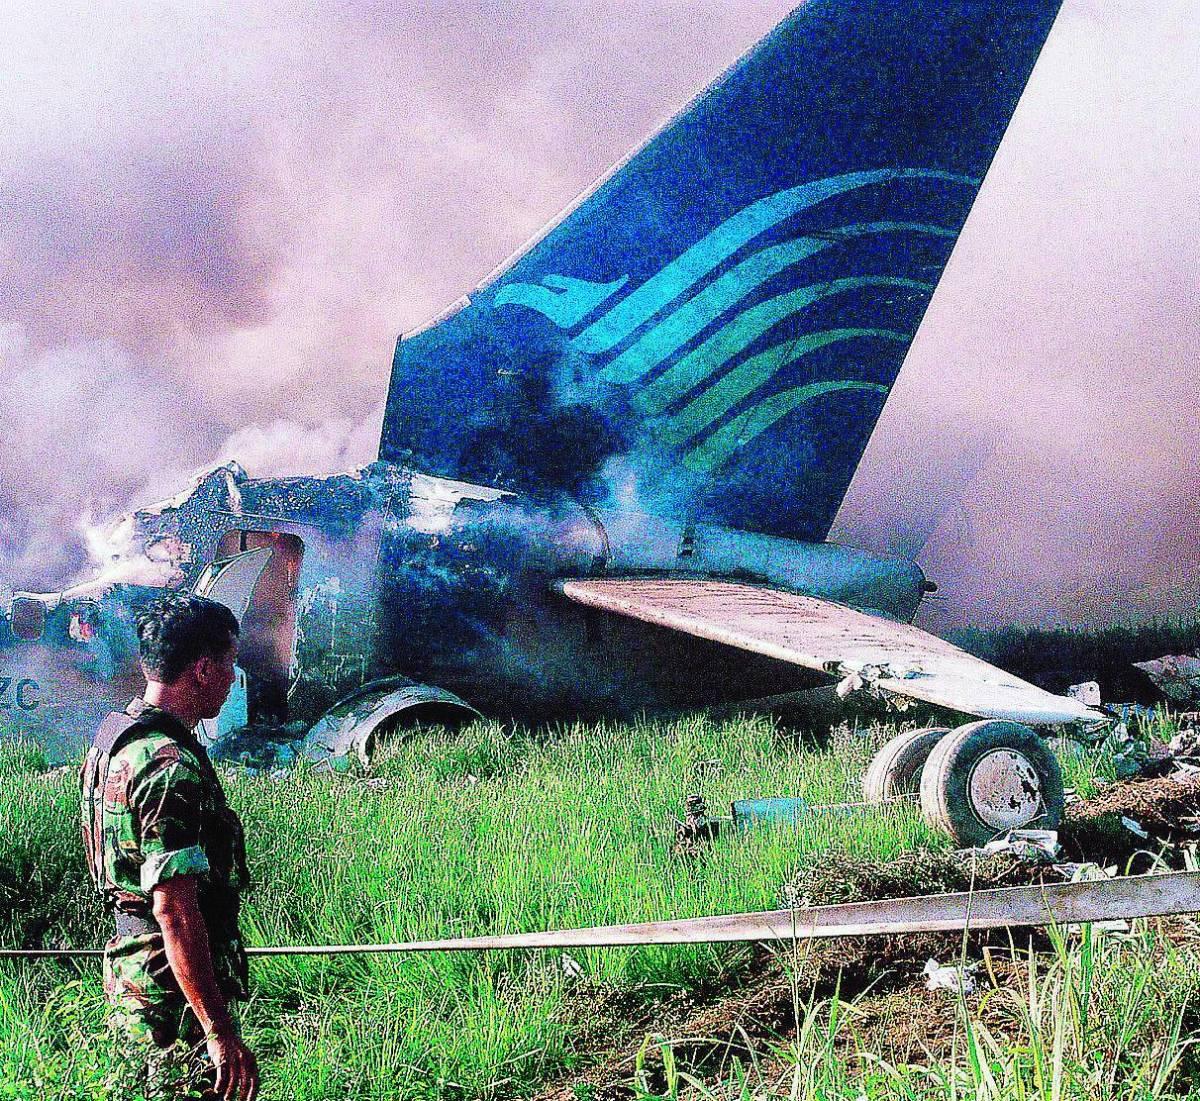 Disastro aereo a Giava Il superstite italiano: ero convinto di morire